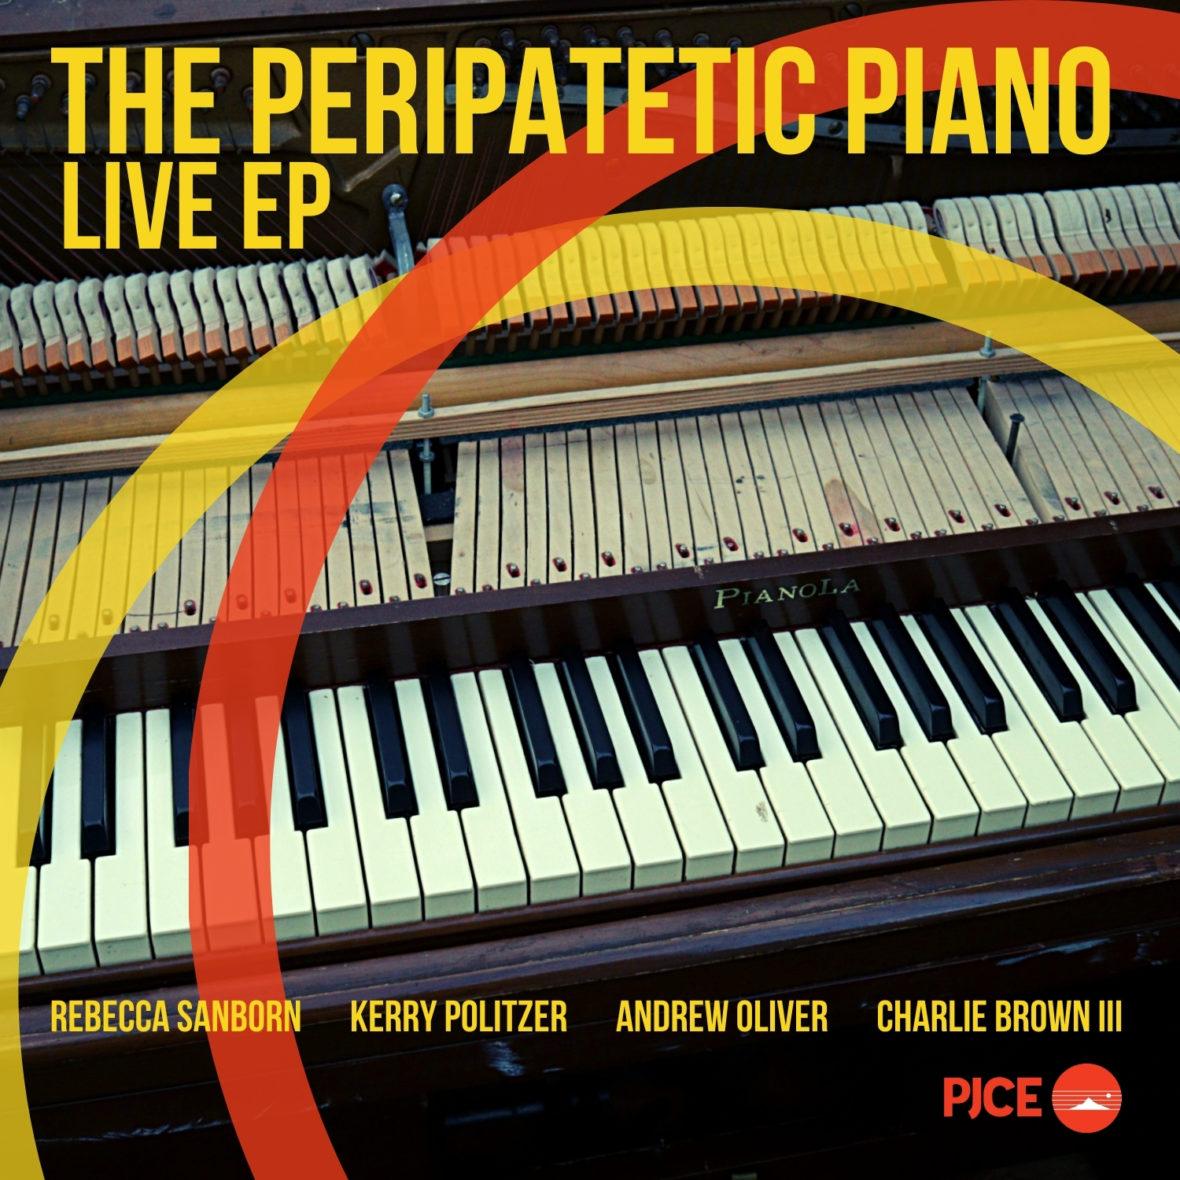 Peripatetic Piano album art